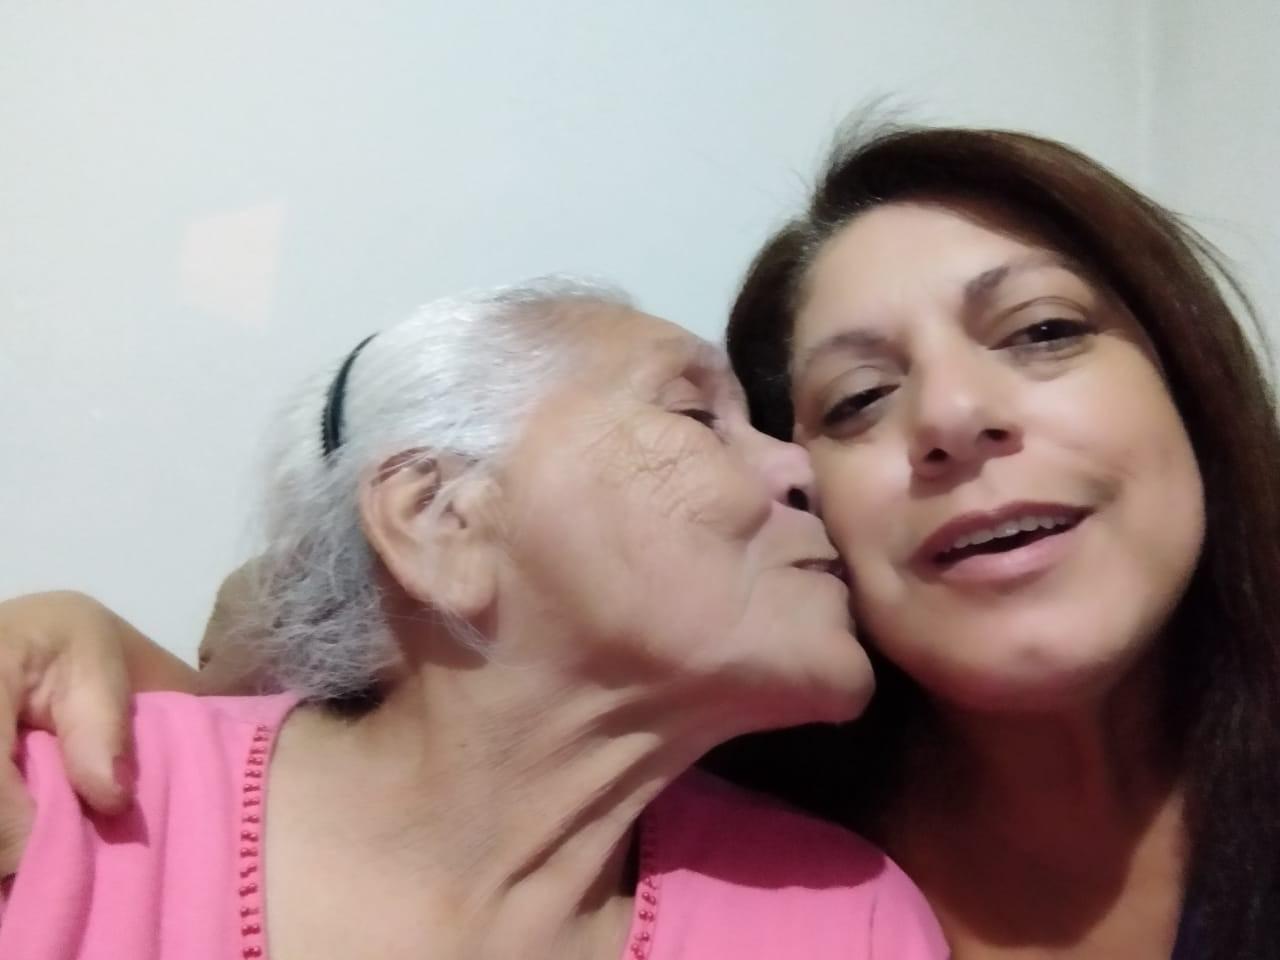 Mulher que buscava por irmã gêmea encontra mãe biológica 'sem querer'